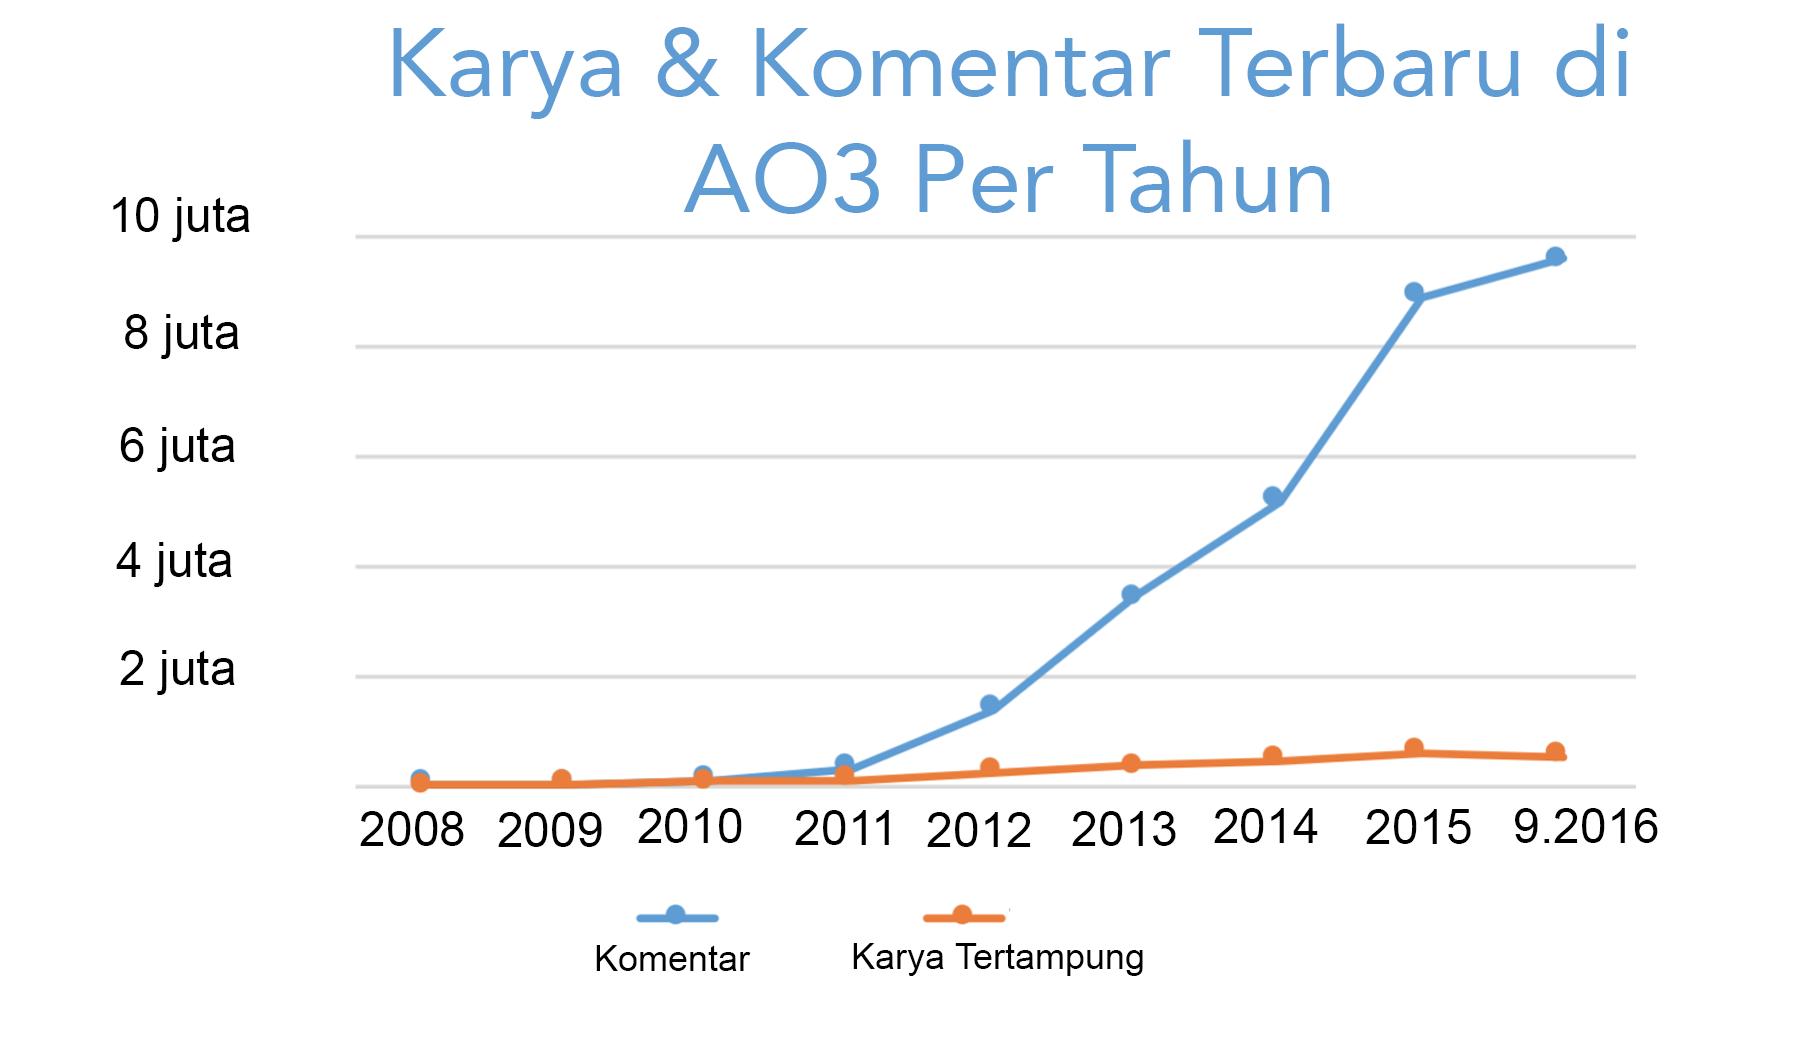 Grafik pertumbuhan karya dan komentar yang dibuat setiap tahunnya di AO3, mulai dari nol pada tahun 2008 hingga lebih dari 500.000 karya dan 9,5 juta komentar hanya pada tahun ini saja.